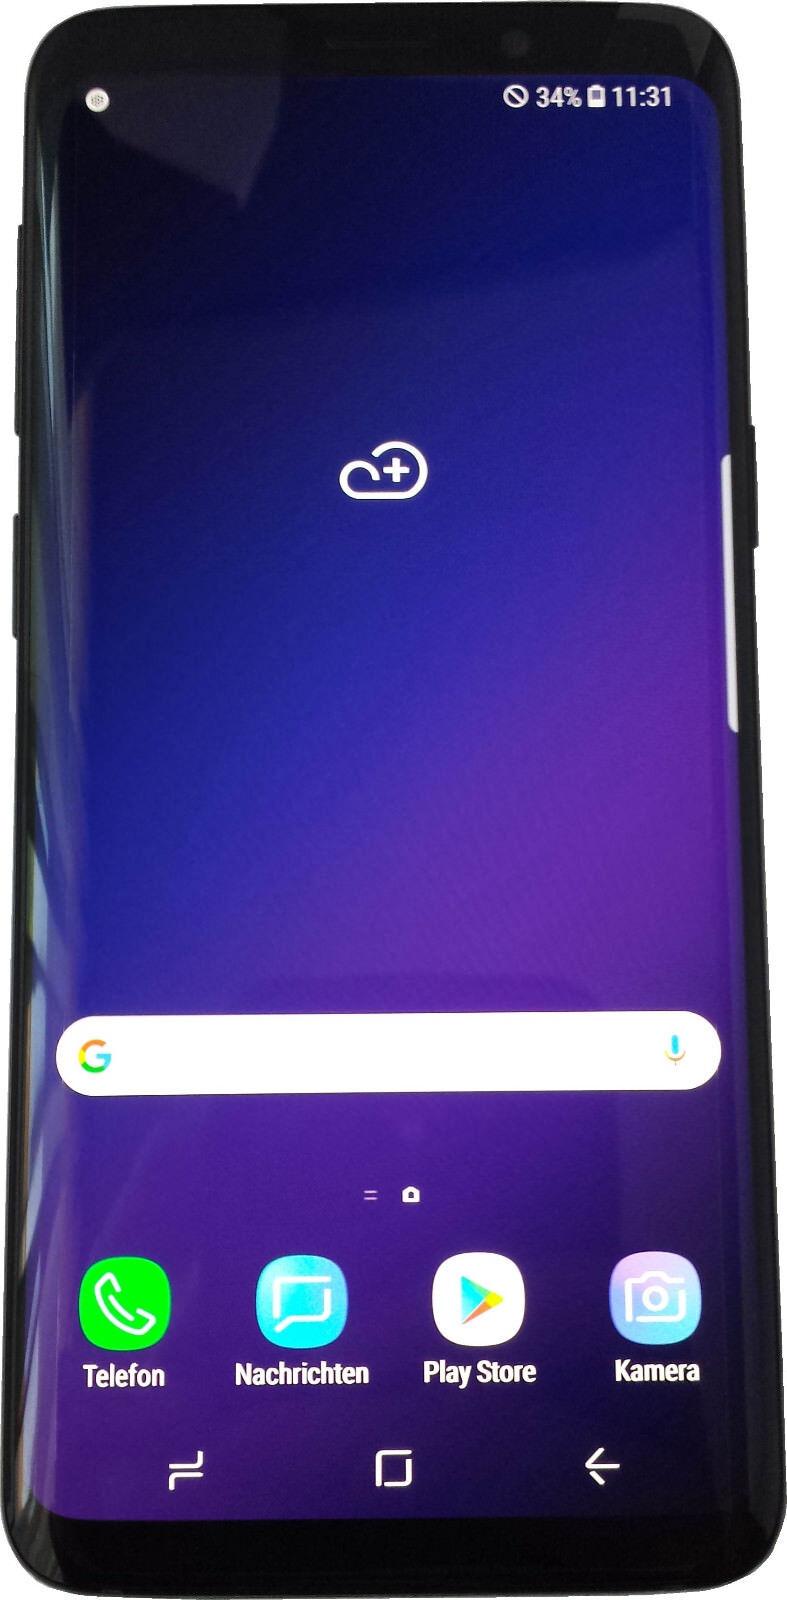 Samsung Galaxy S9 Dual SIM 64GB schwarz ohne Simlock Android original versiegelt